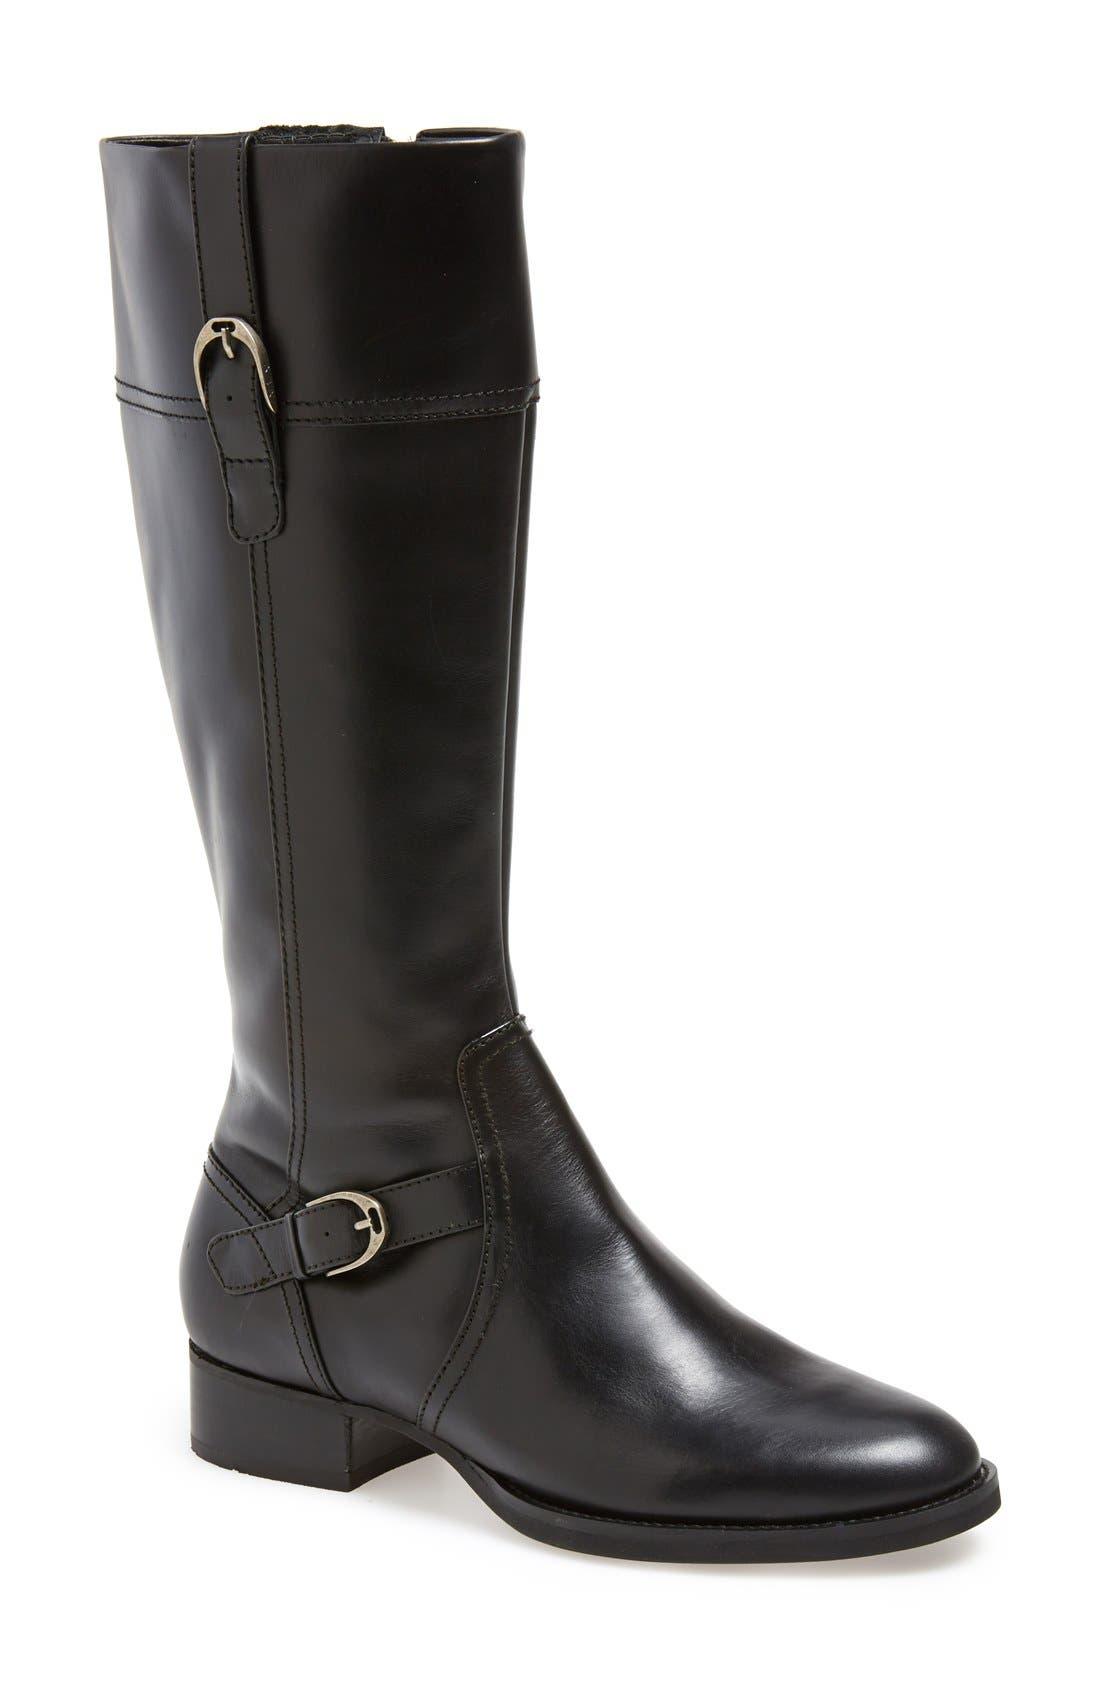 Main Image - Ariat 'York' Boot